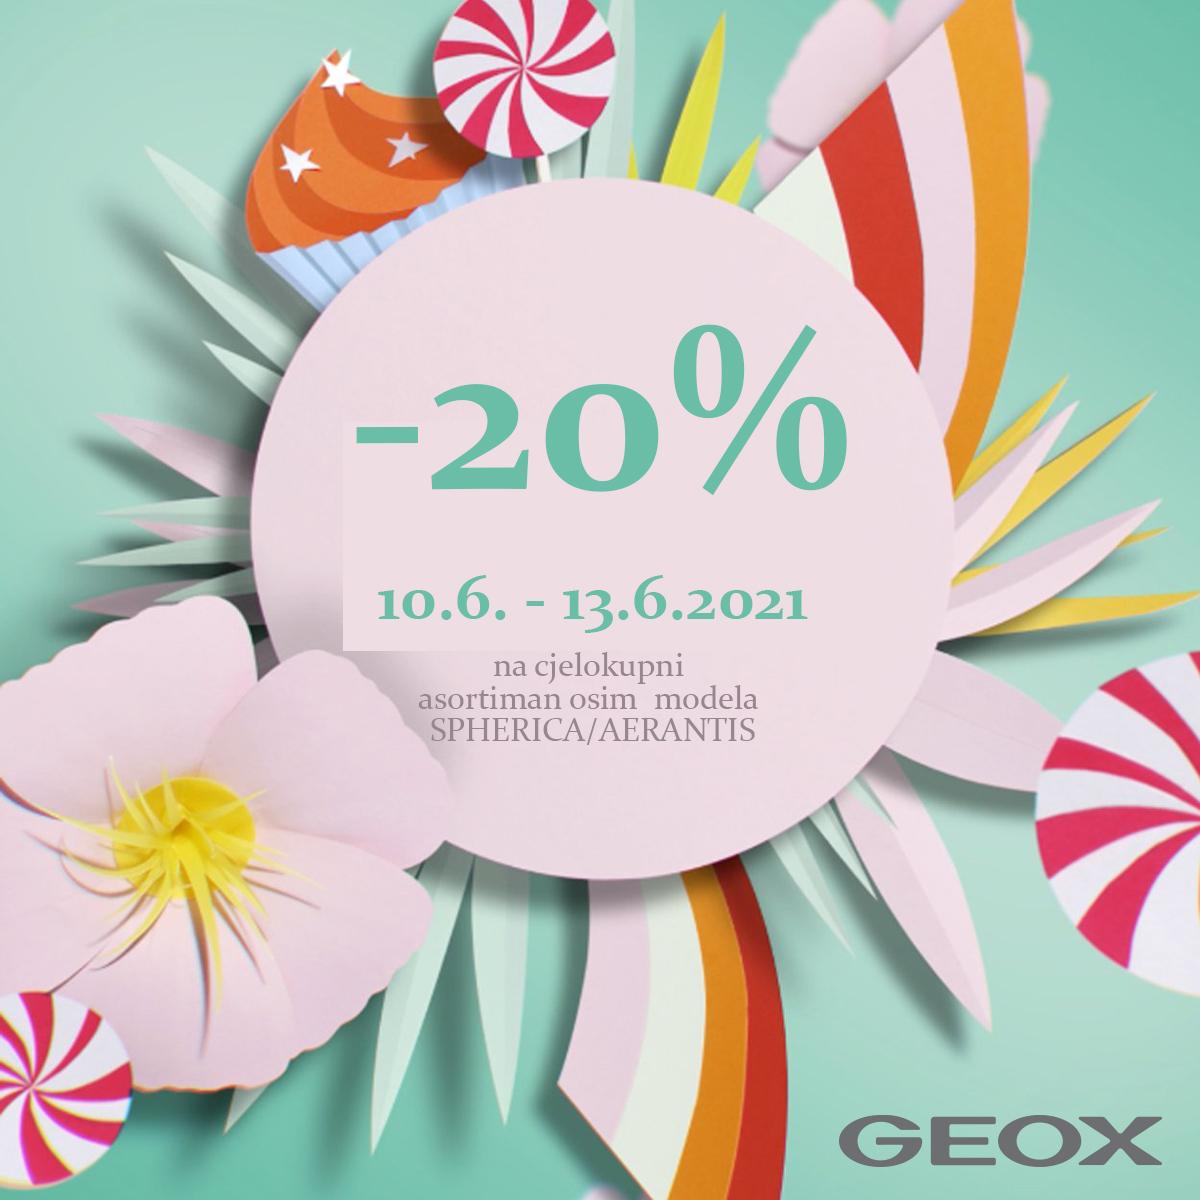 Geox-20% FB